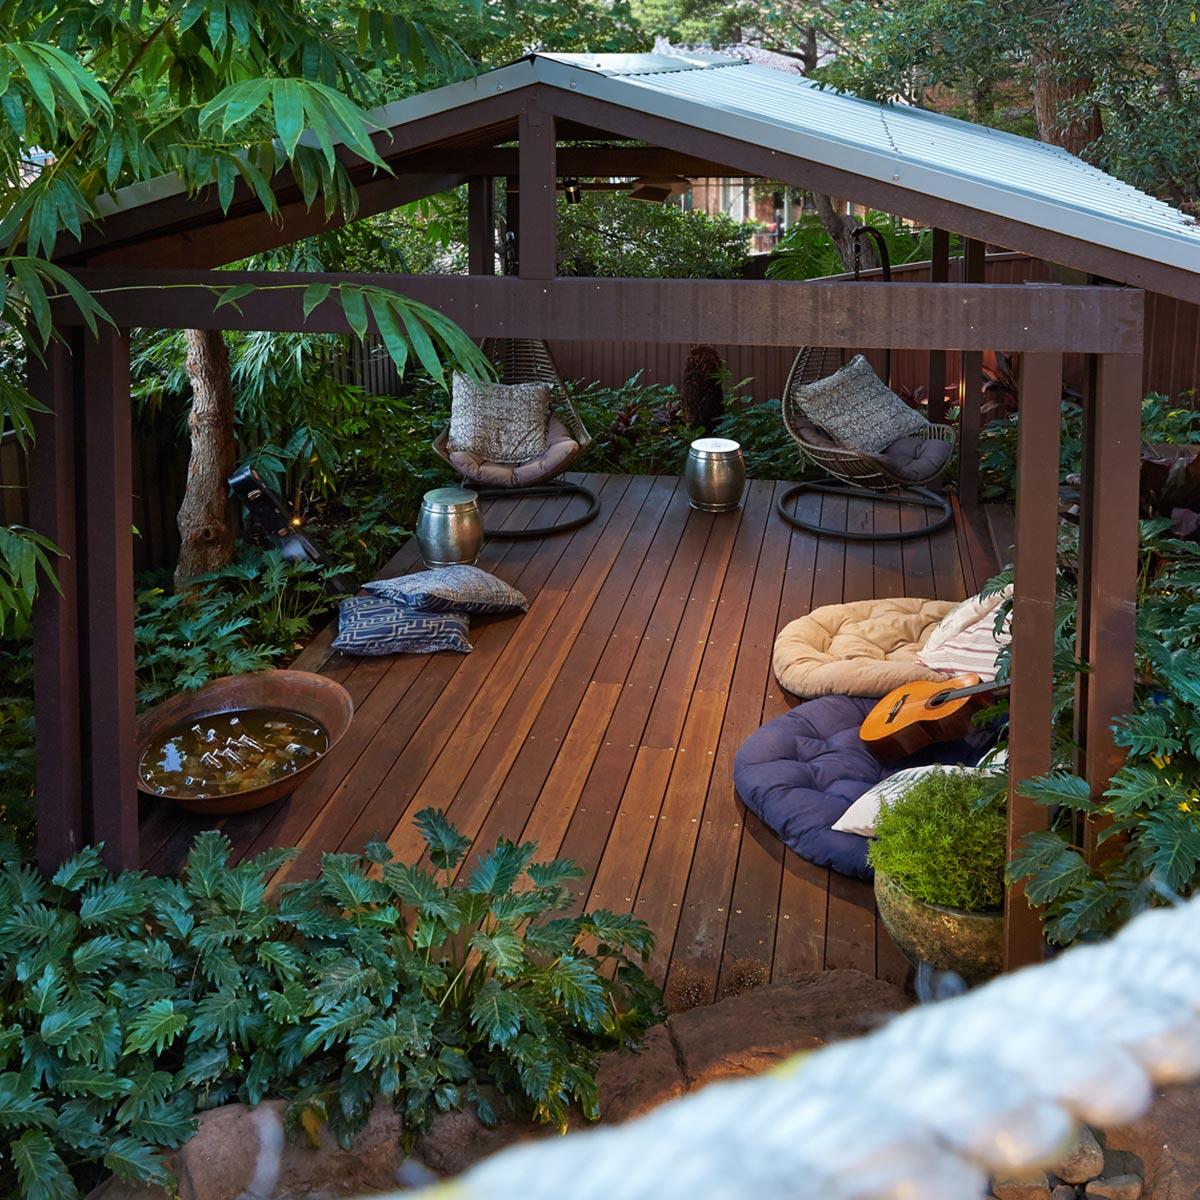 Landscape Garden Design: Looking For A Landscape Designer? Check Out Scenic Blue